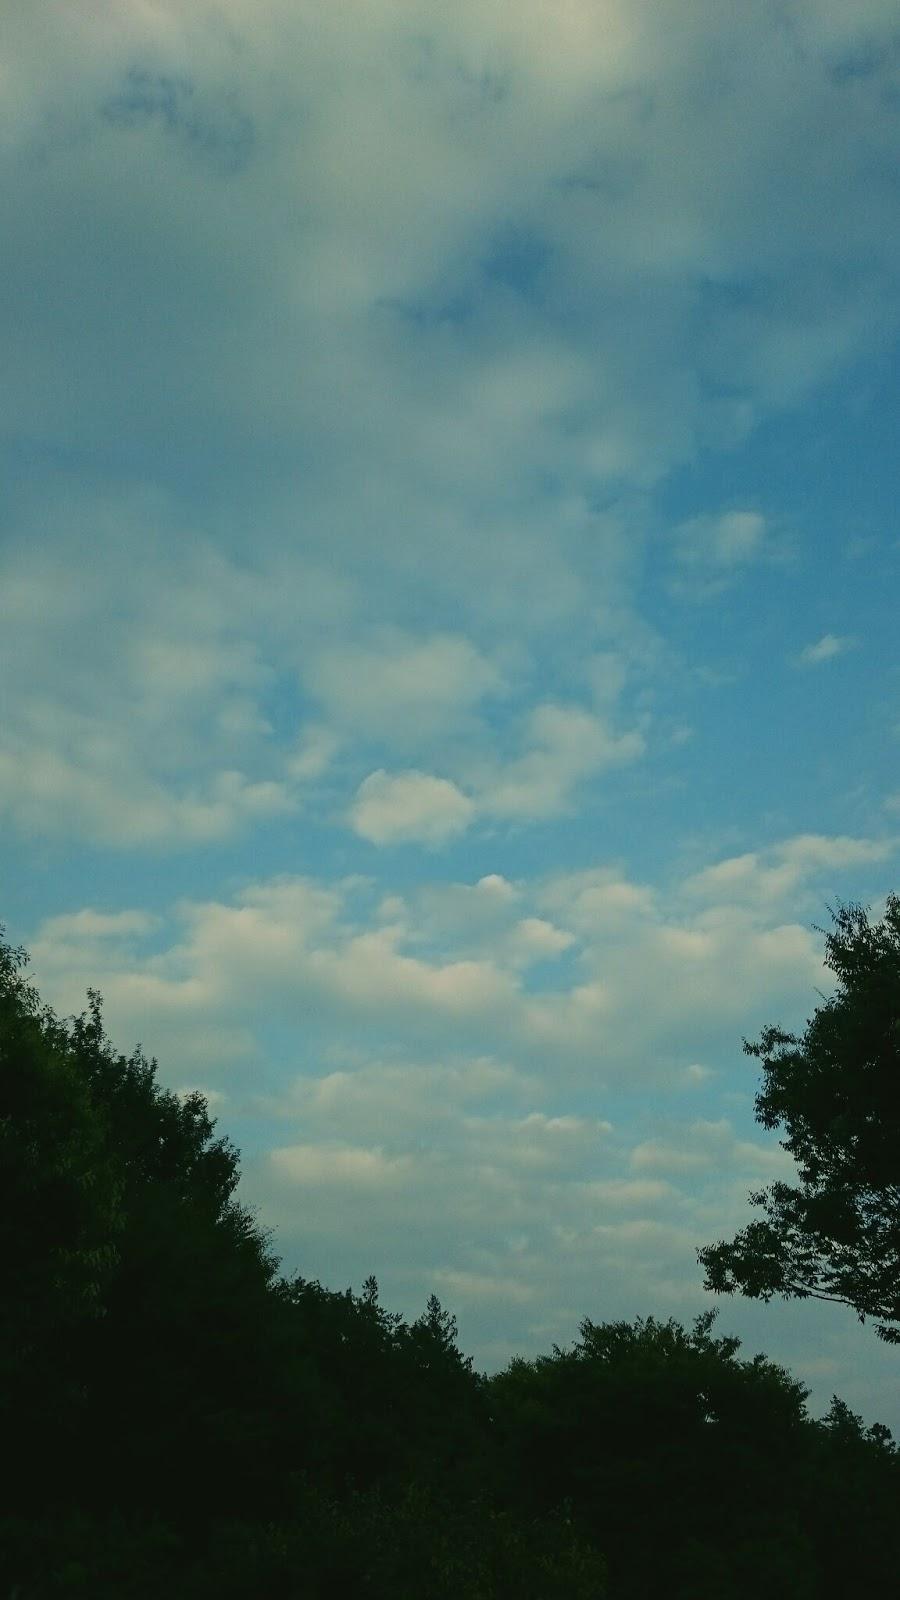 遠い雲の連なり